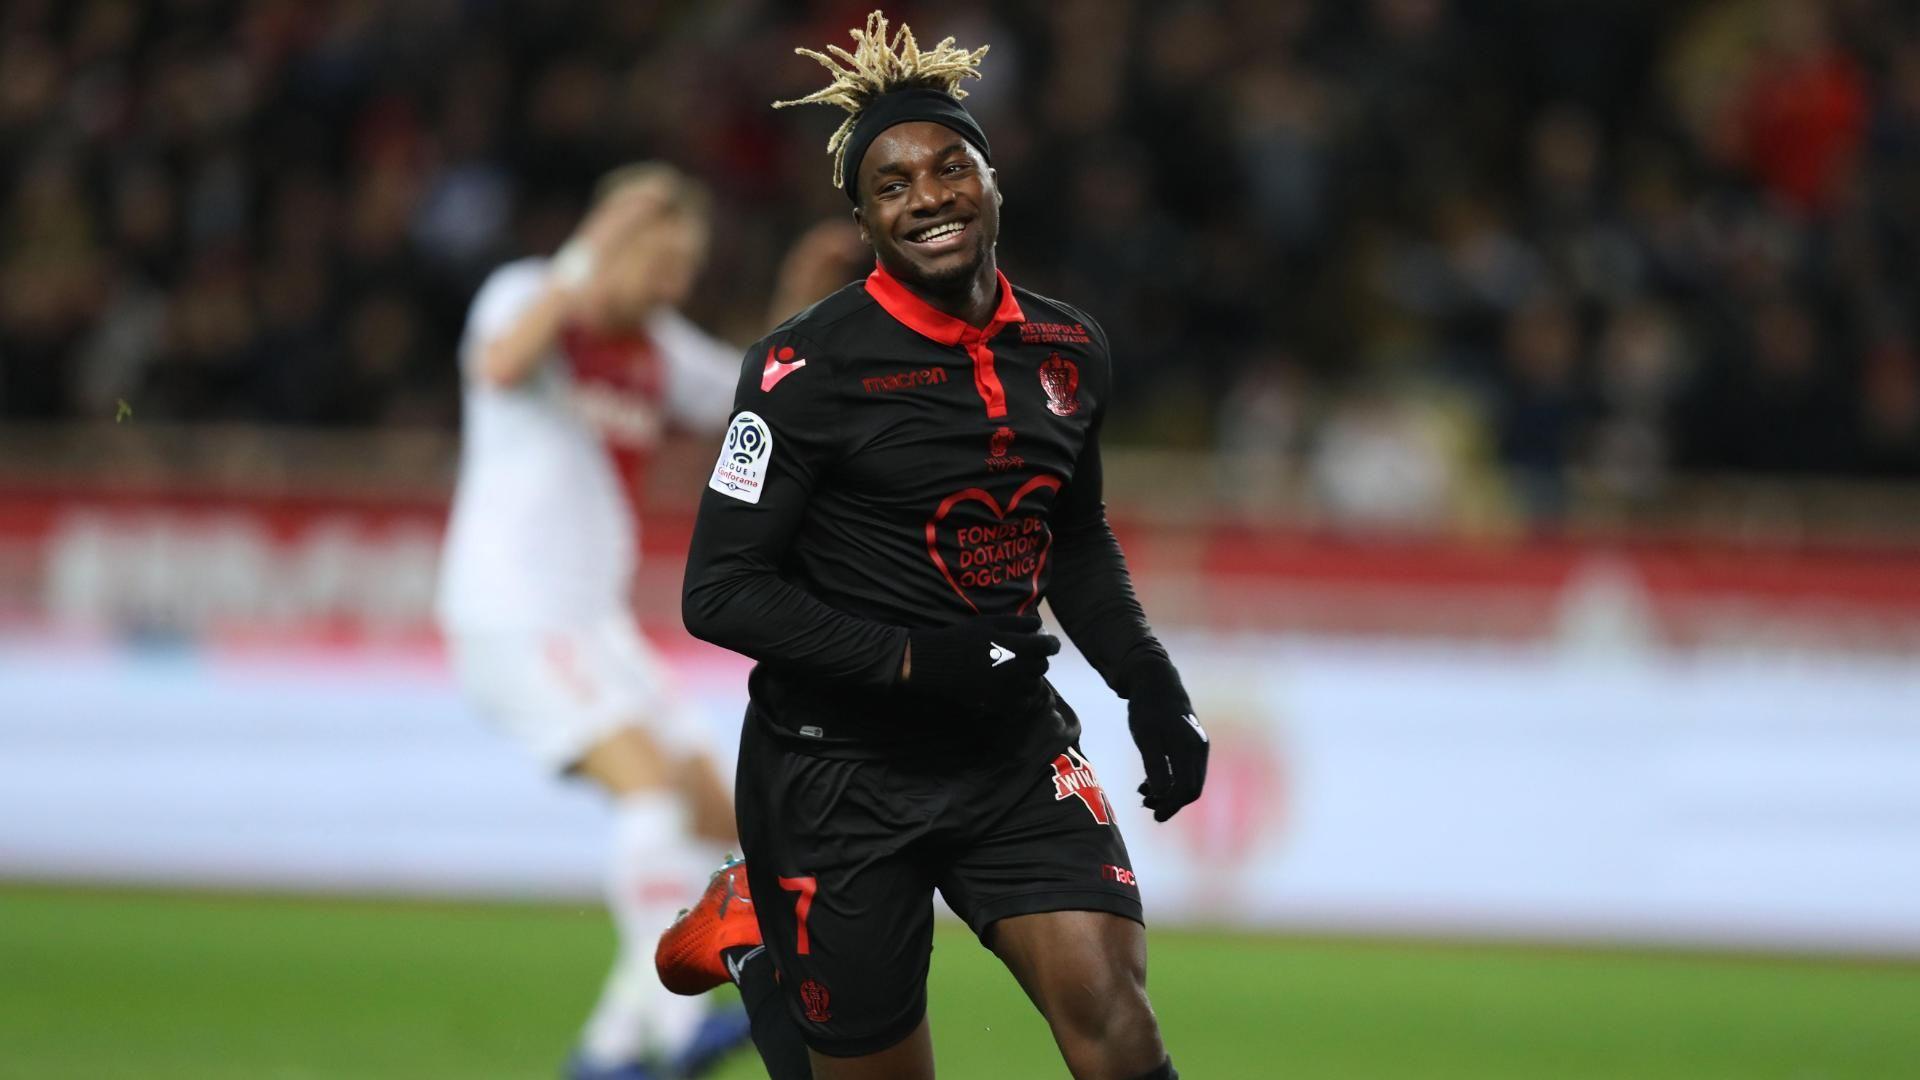 ¡GOL DEL NIZA! Durmaz puso el 1-0 ante el Monaco